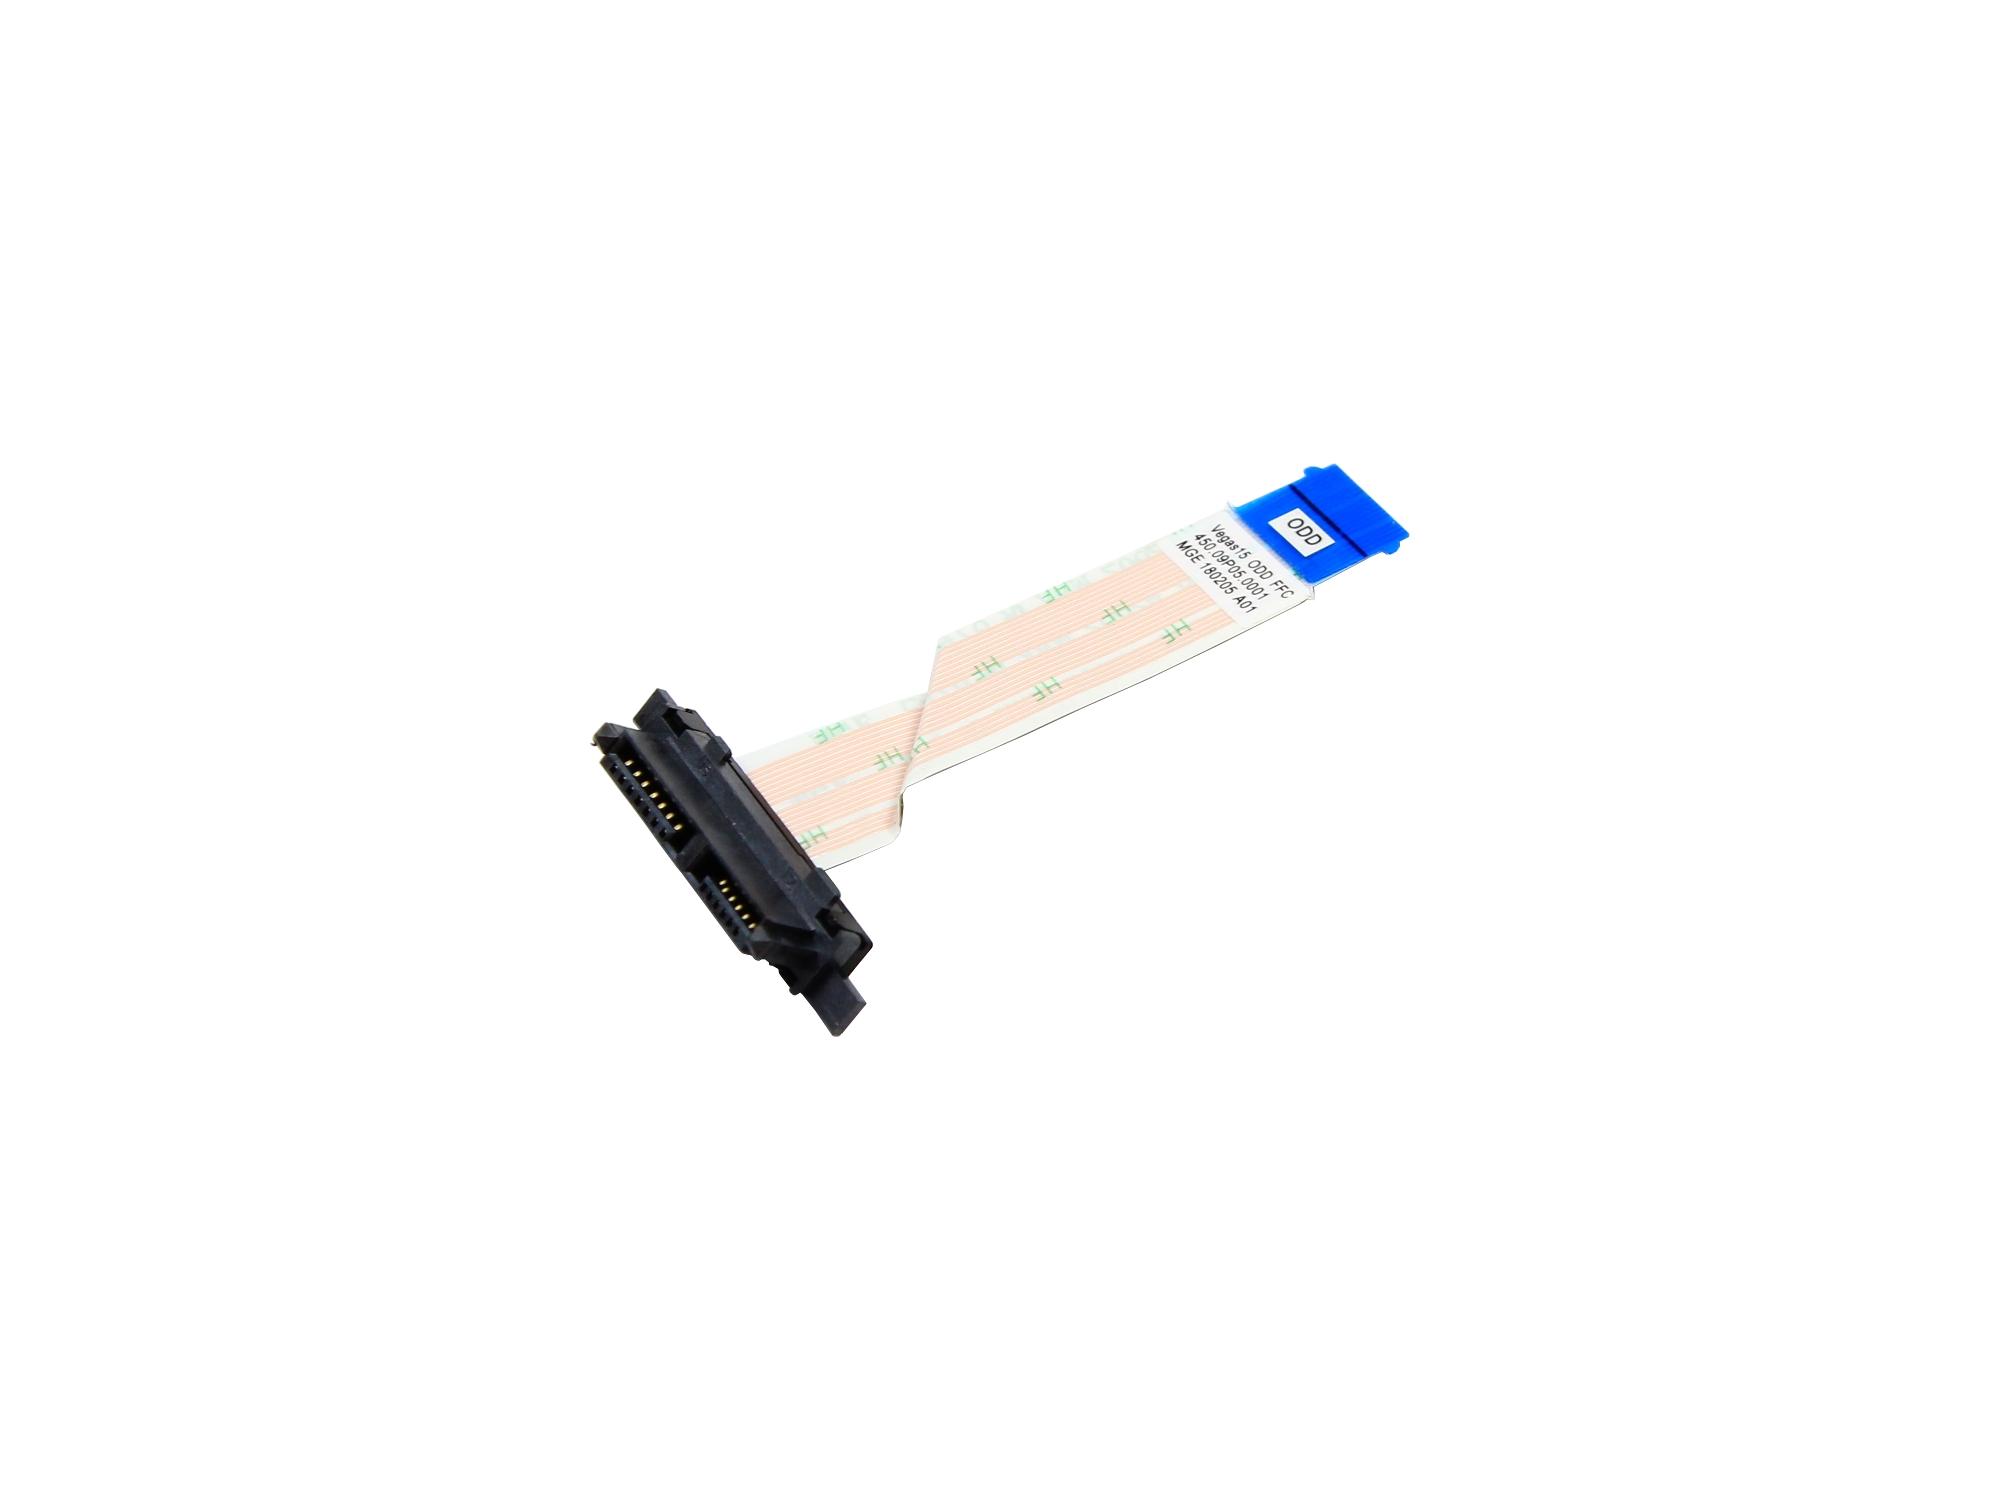 Cablu conectare unitate optica Dell Inspiron 15 3558